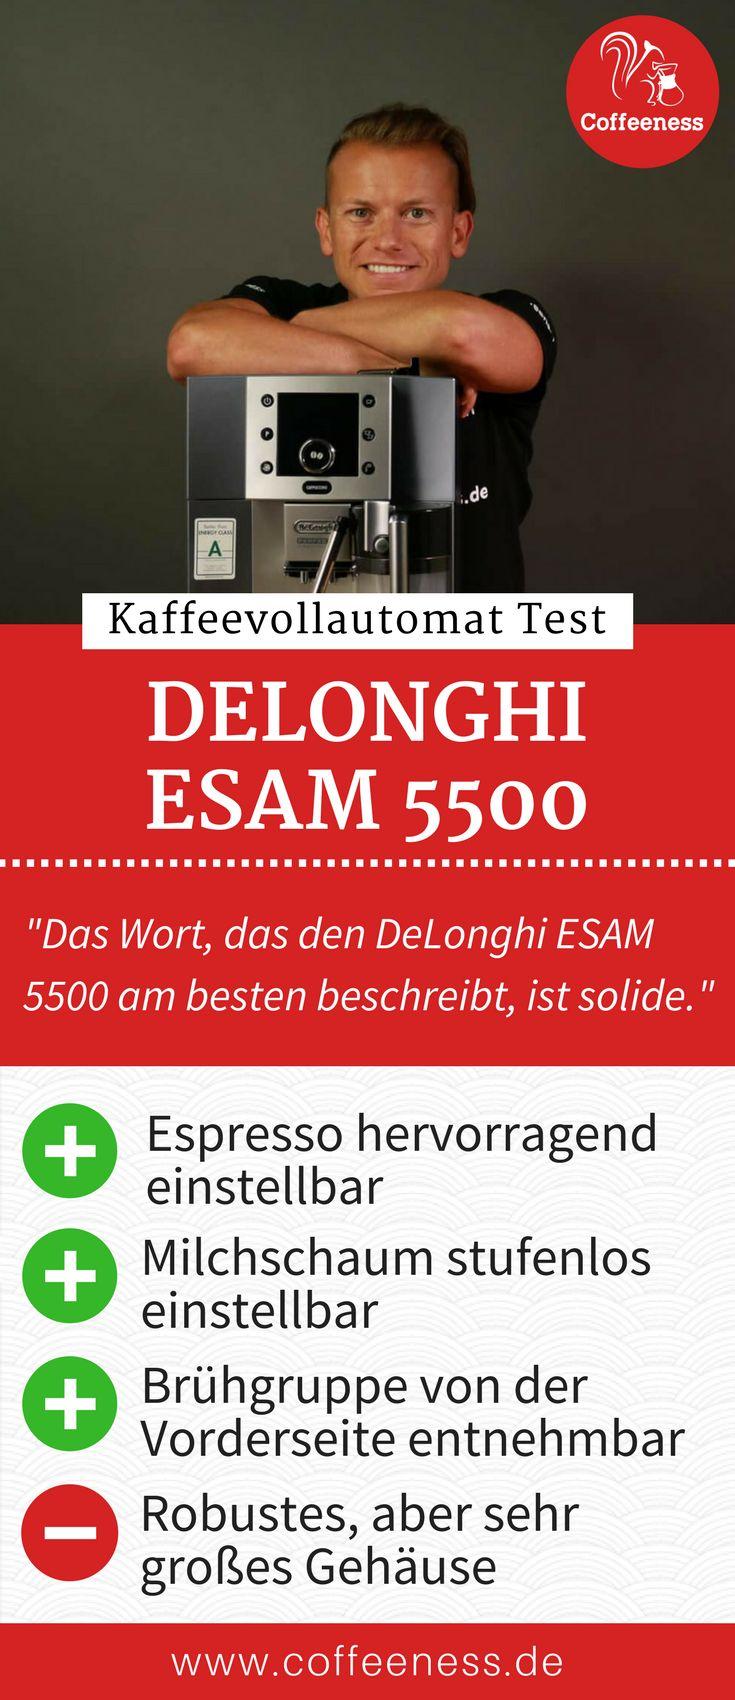 Besonders gut hat mir die stufenlose Einstellung des Espressos und Milchschaums gefallen. Der Espresso erreicht eine für einen Vollautomaten untypisch hohe Qualität. Der Mahlgrad wird auf einer ebenfalls feinen Stufe erreicht. Warum ich ebenfalls sehr überzeugt vom Bedienkonzept des Delonghi ESAM 5500 war, erfährst du im ausführlichen Test auf www.coffeeness.de. #Kaffeevollautomat #Coffeeness #Kaffee #Küche